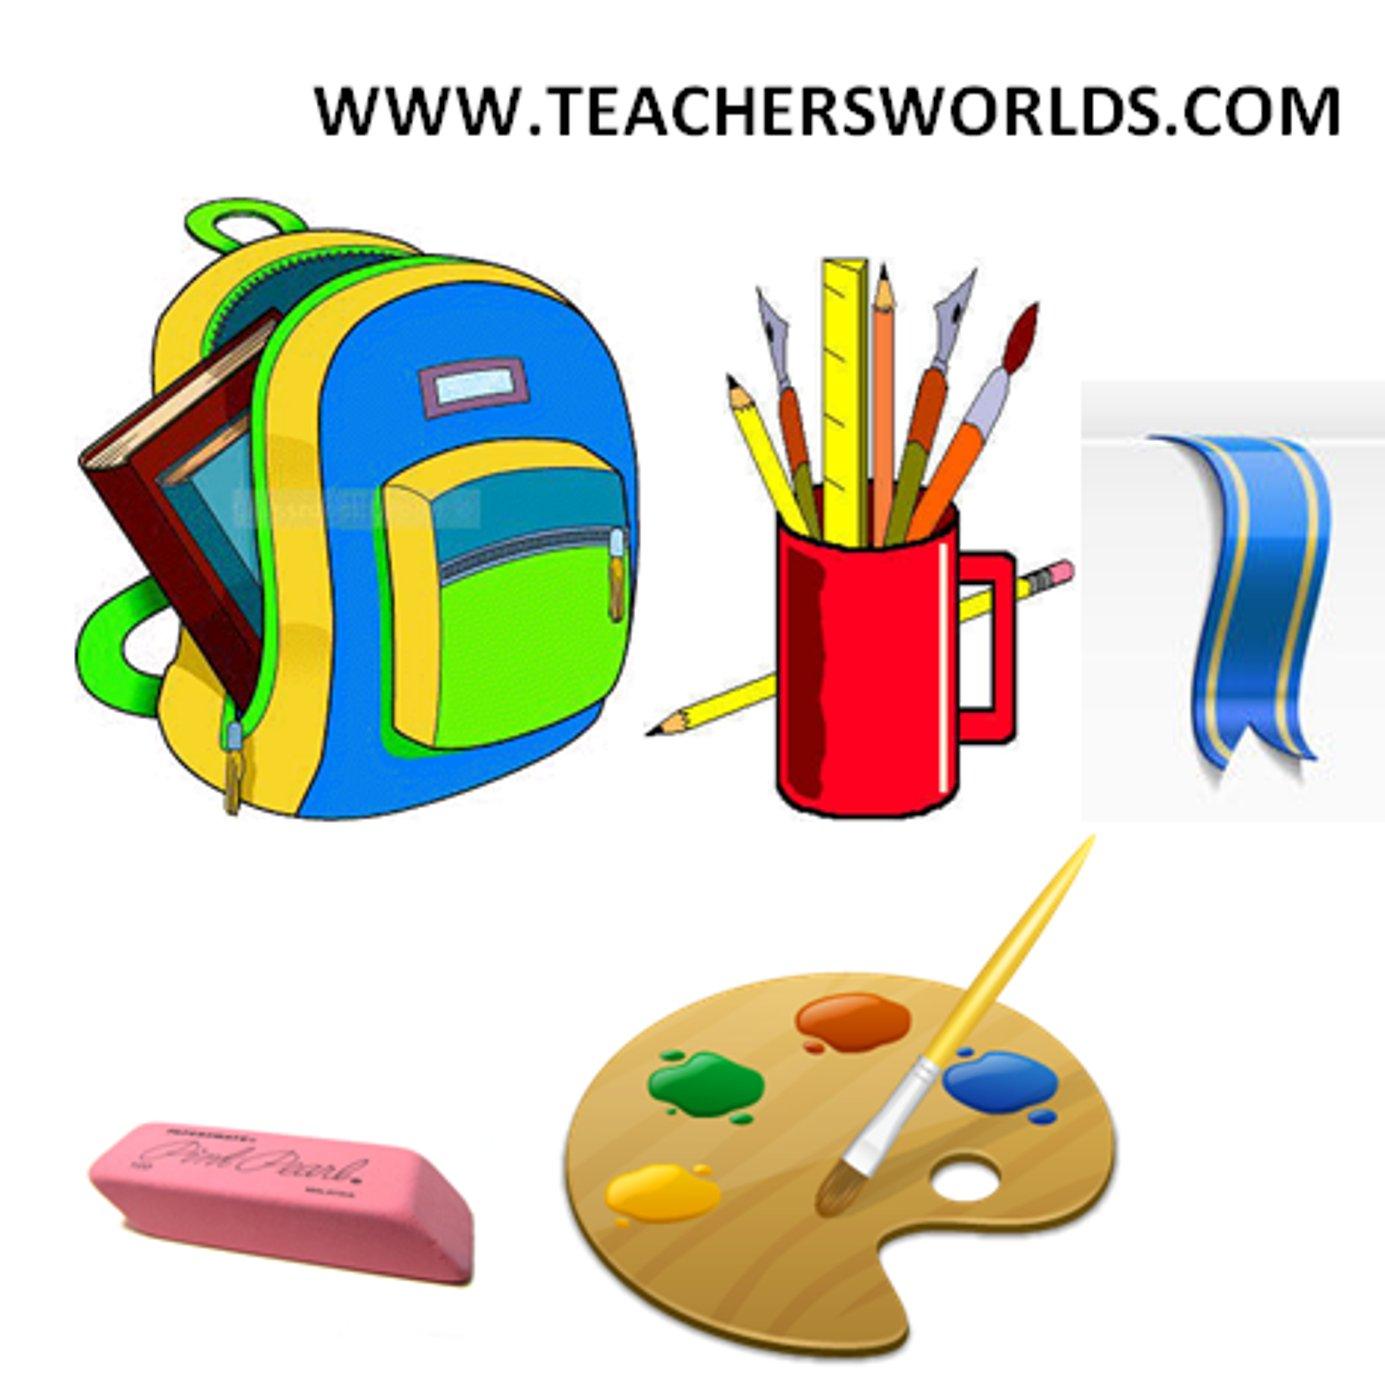 TEACHERSWORLDS.COM-DOMAIN NAME-NO ENCUMBRANCES - START YOUR SUPPLIES SALES